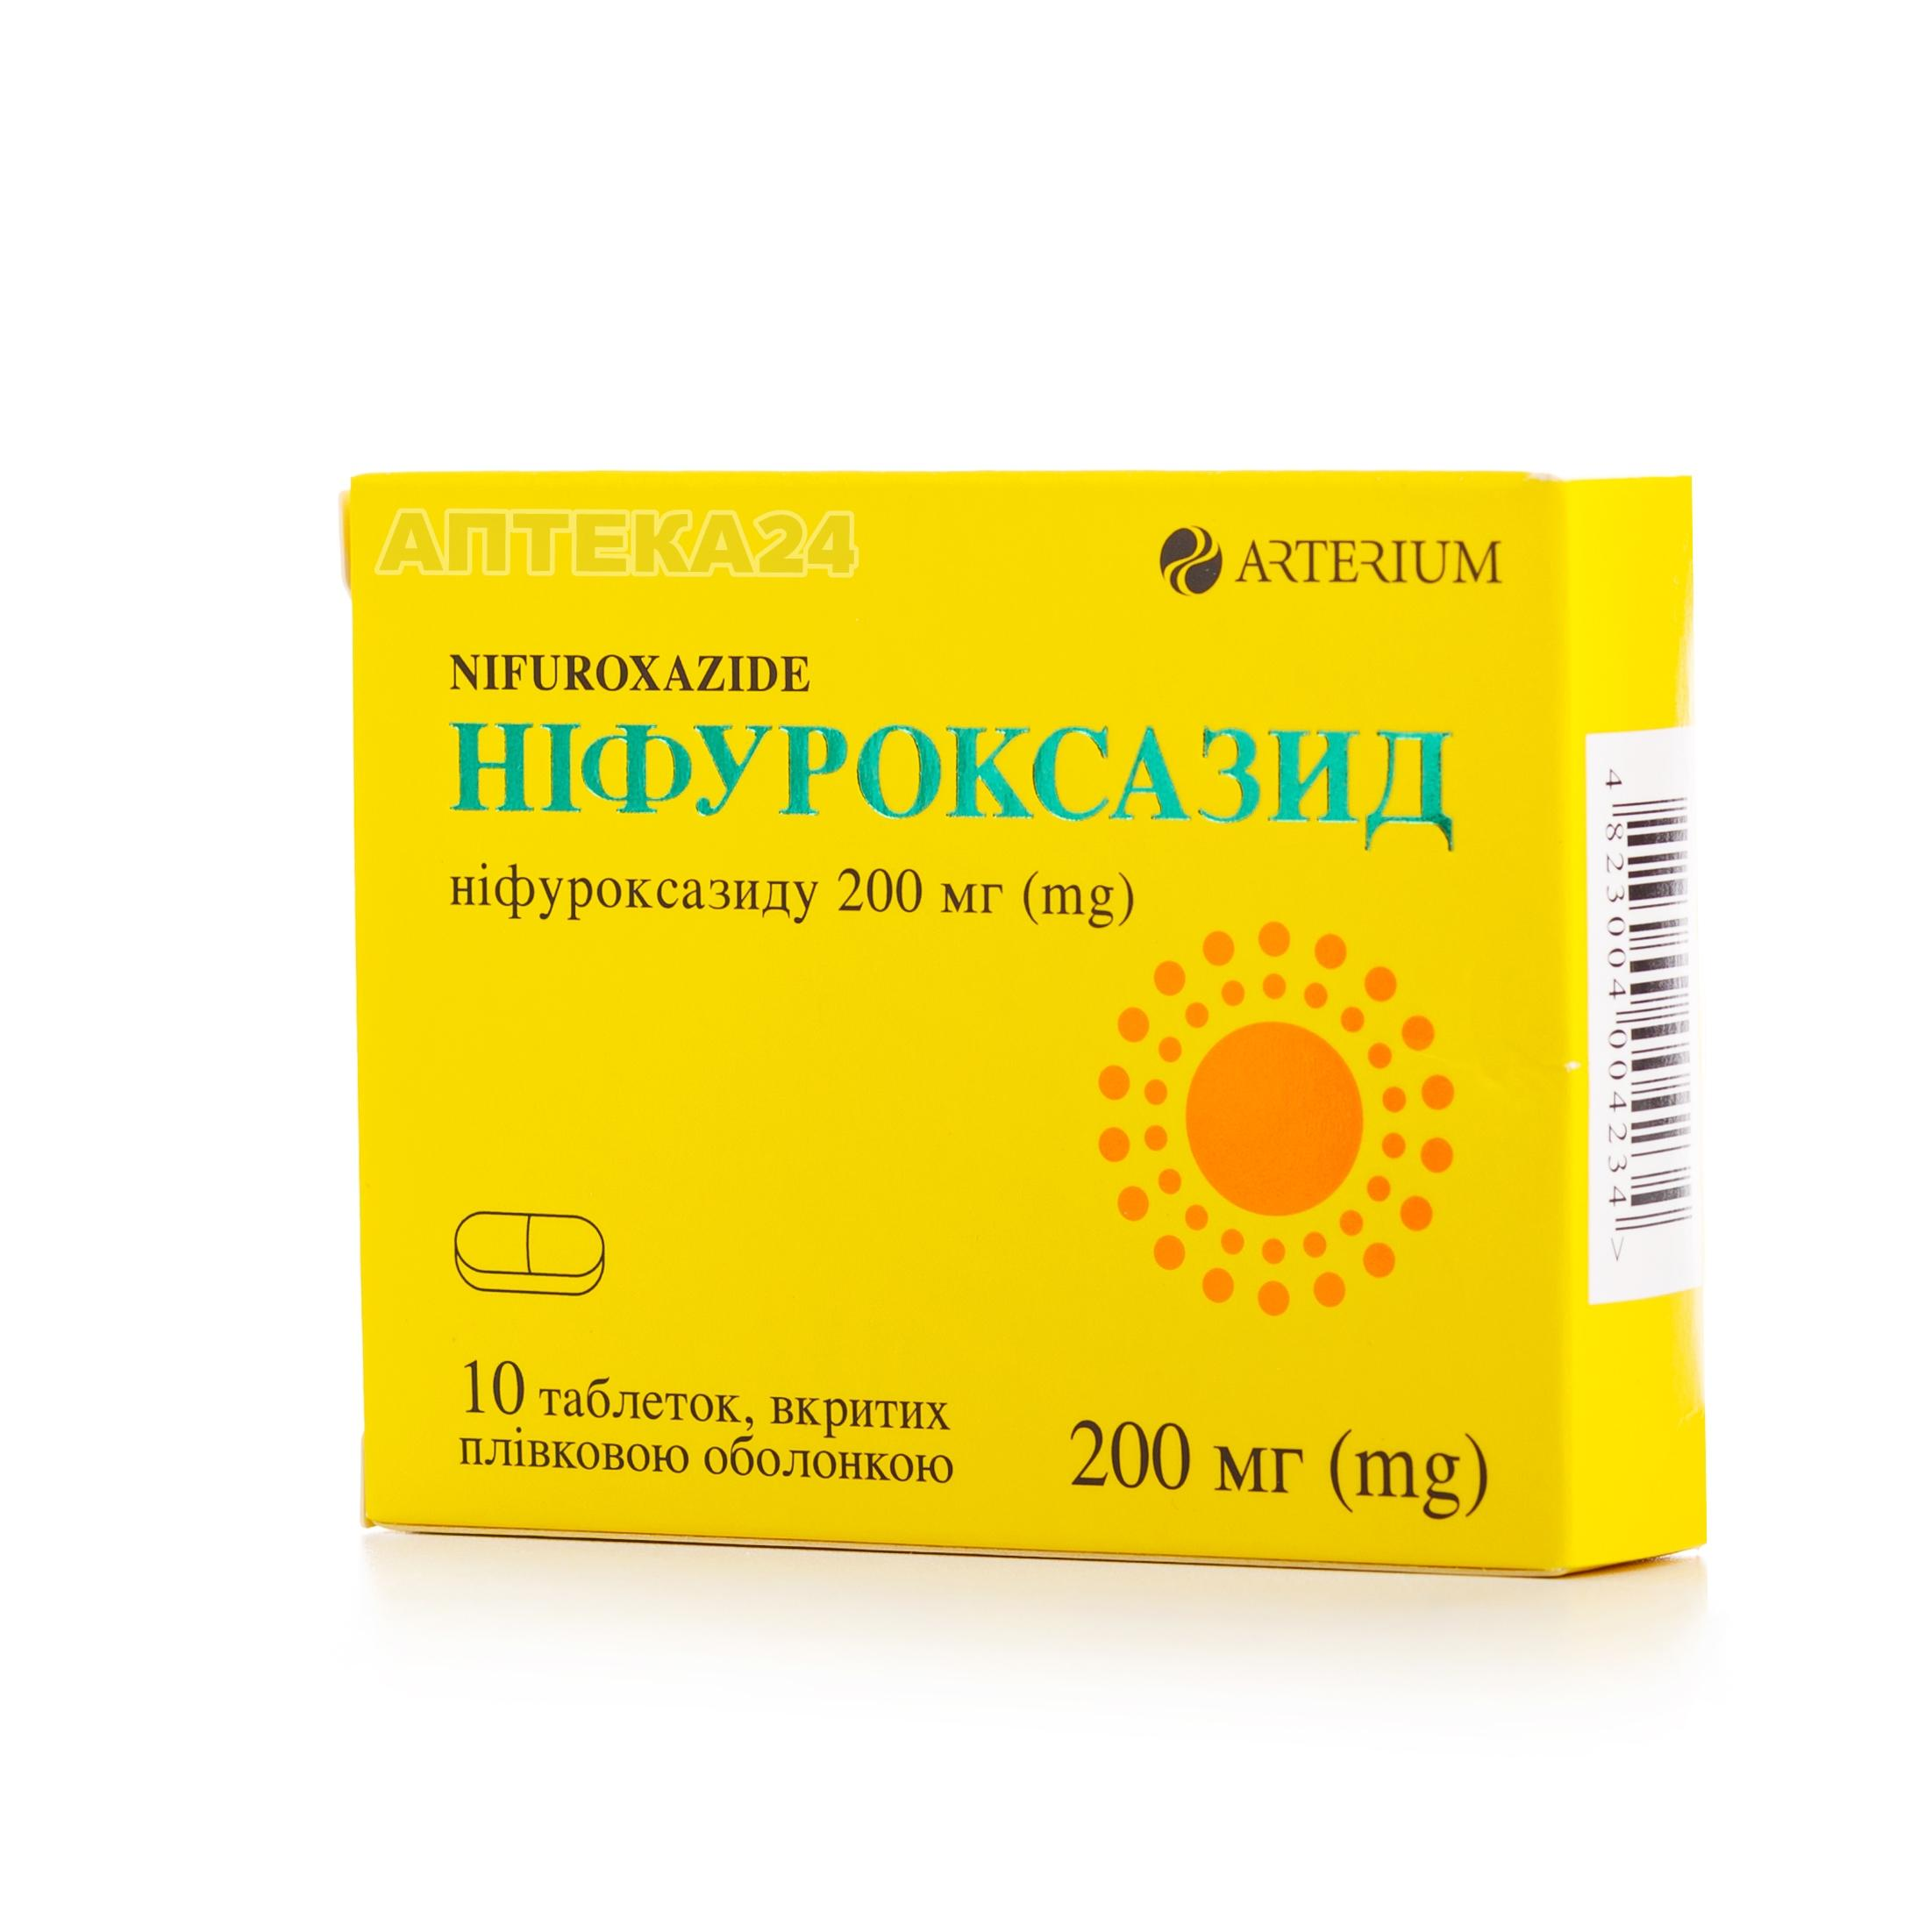 Нифуроксазид 200 мг N10 таблетки_60070d34908f9.jpeg